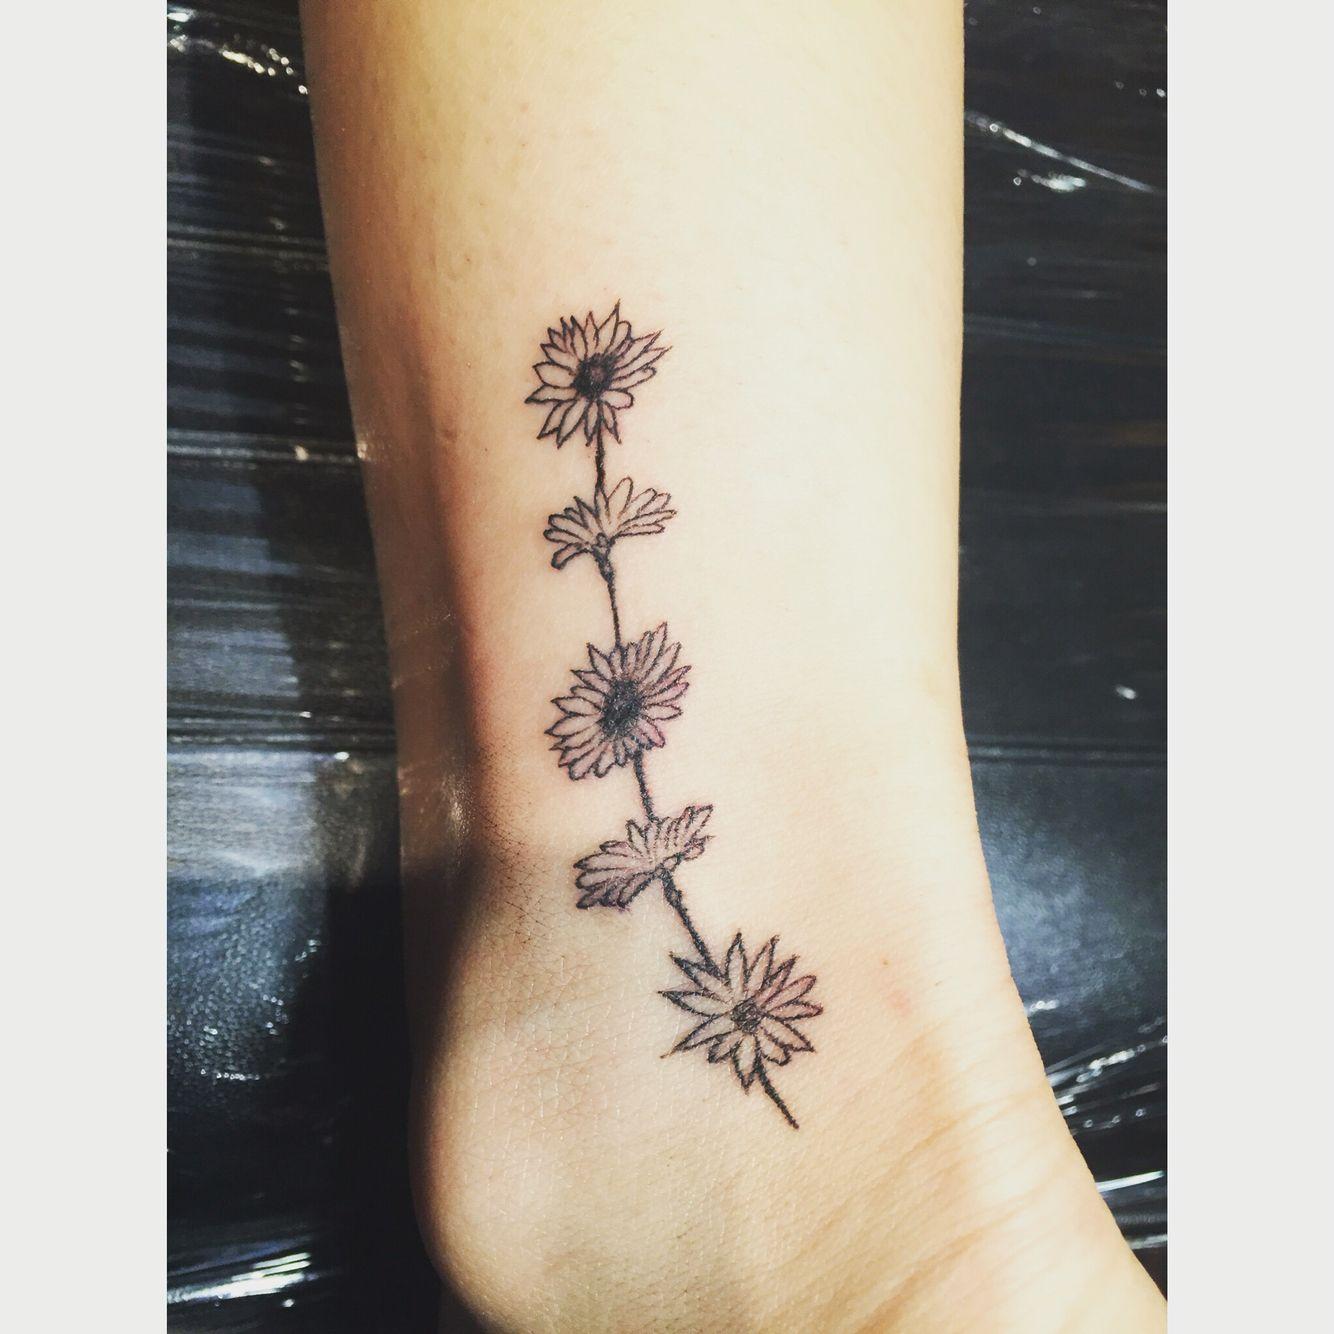 Daisy Chain Tattoo Skin Care Daisy Chain Tattoo Chain Tattoo